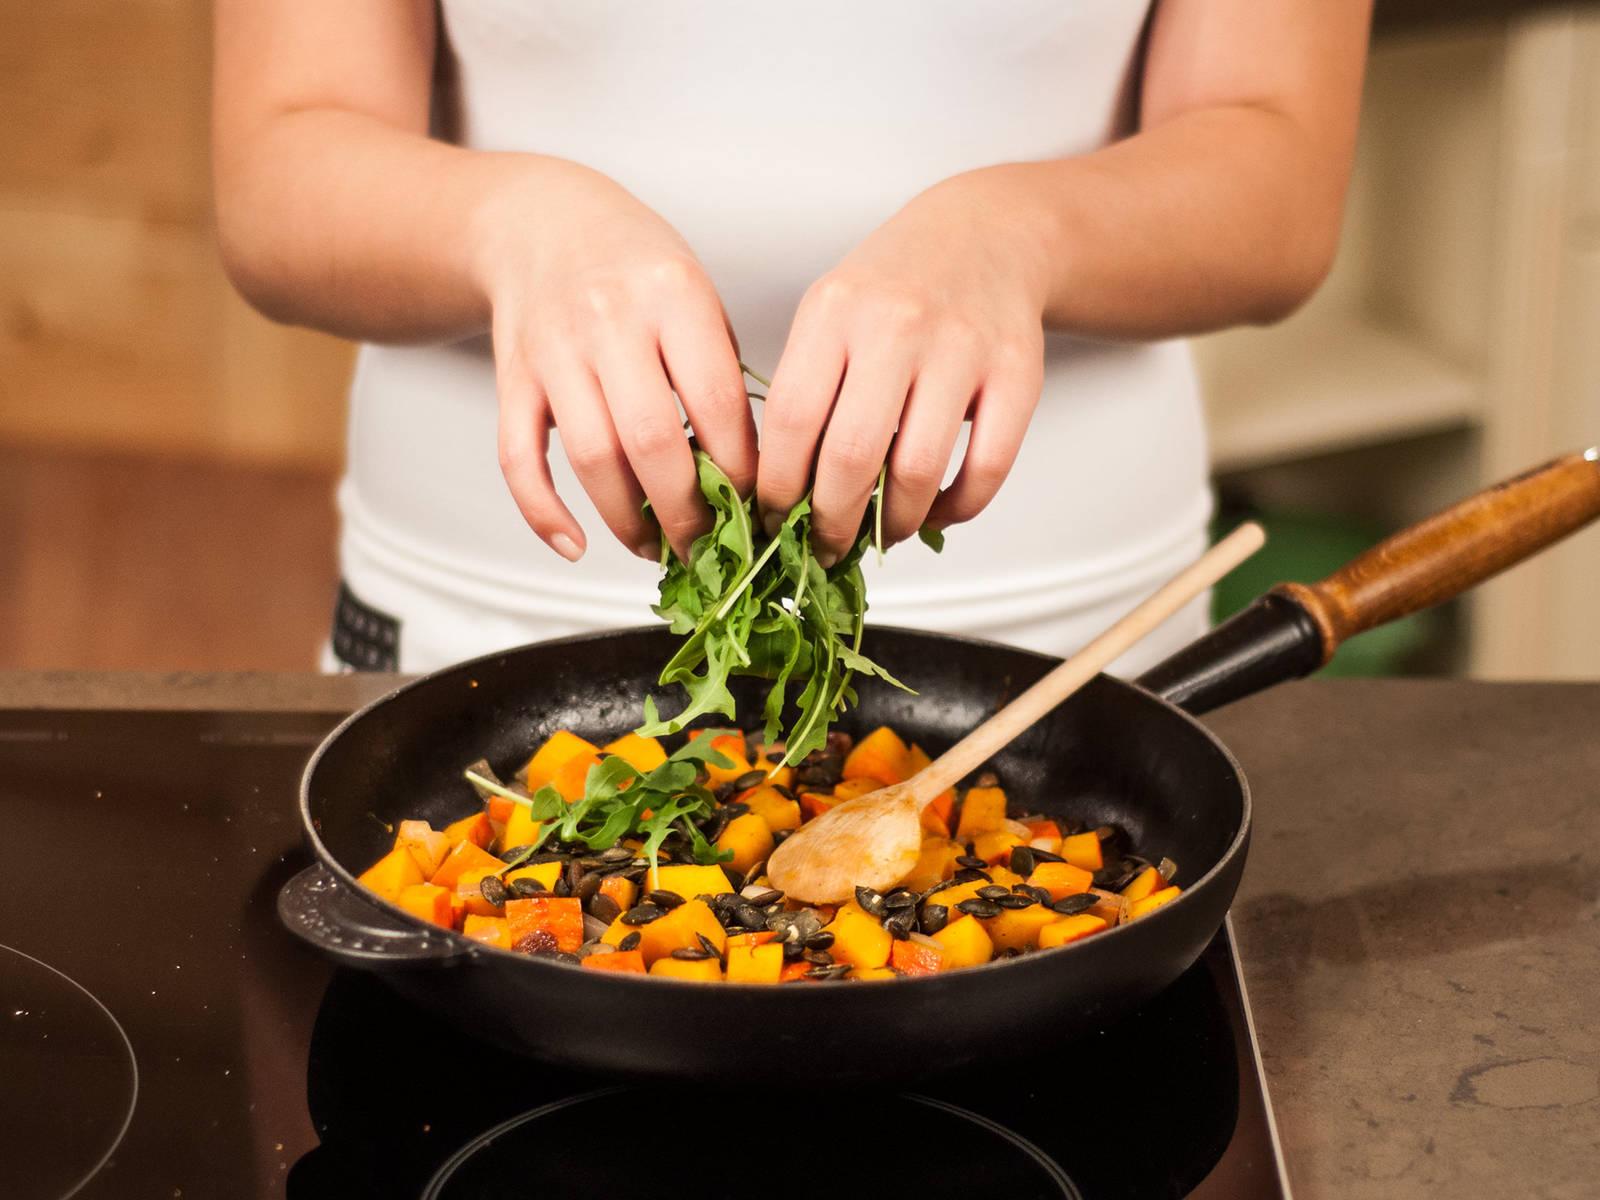 Kürbiskerne und Rucola kurz vor dem Servieren hinzufügen und vorsichtig unterheben. Ein bisschen Kürbiskernöl darüber träufeln und genießen.